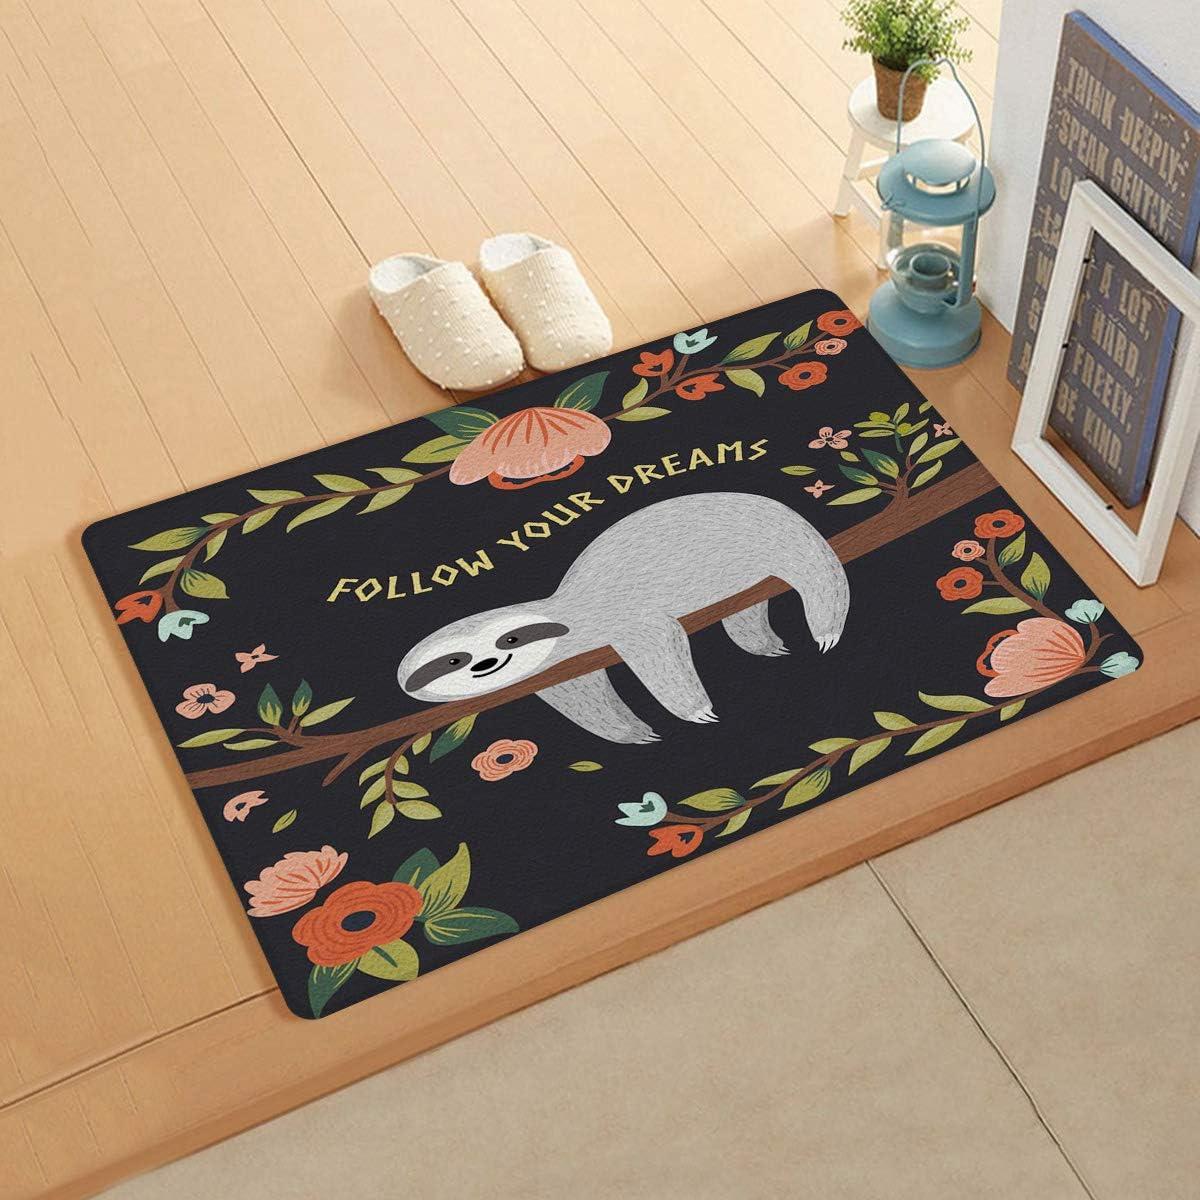 Indoor Super-cheap Doormat Welcome Door Mat 24